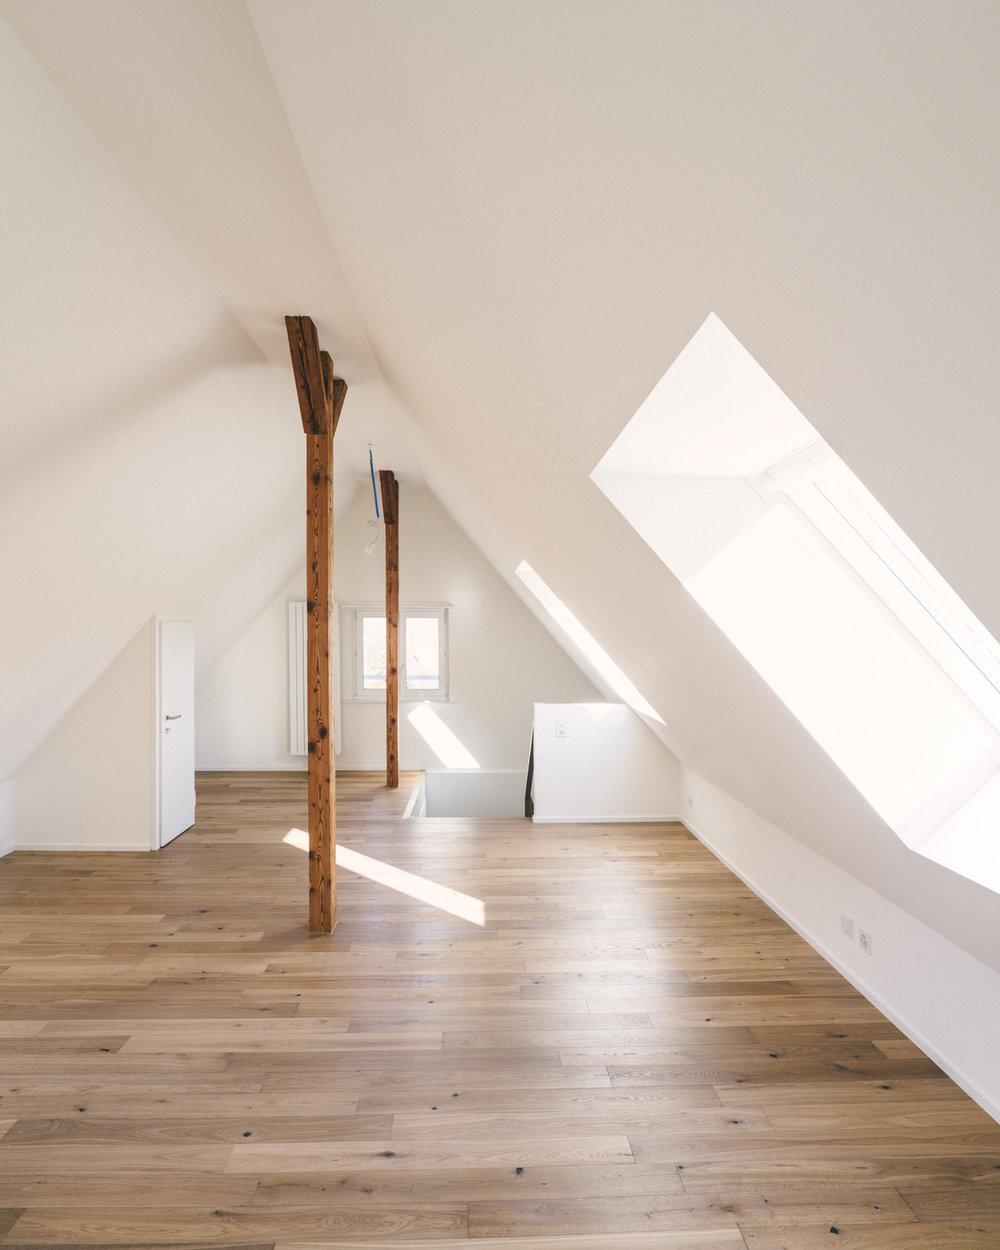 Umbau Arlesheim Wohnestrich, Consilium Architektur und Baumanagement